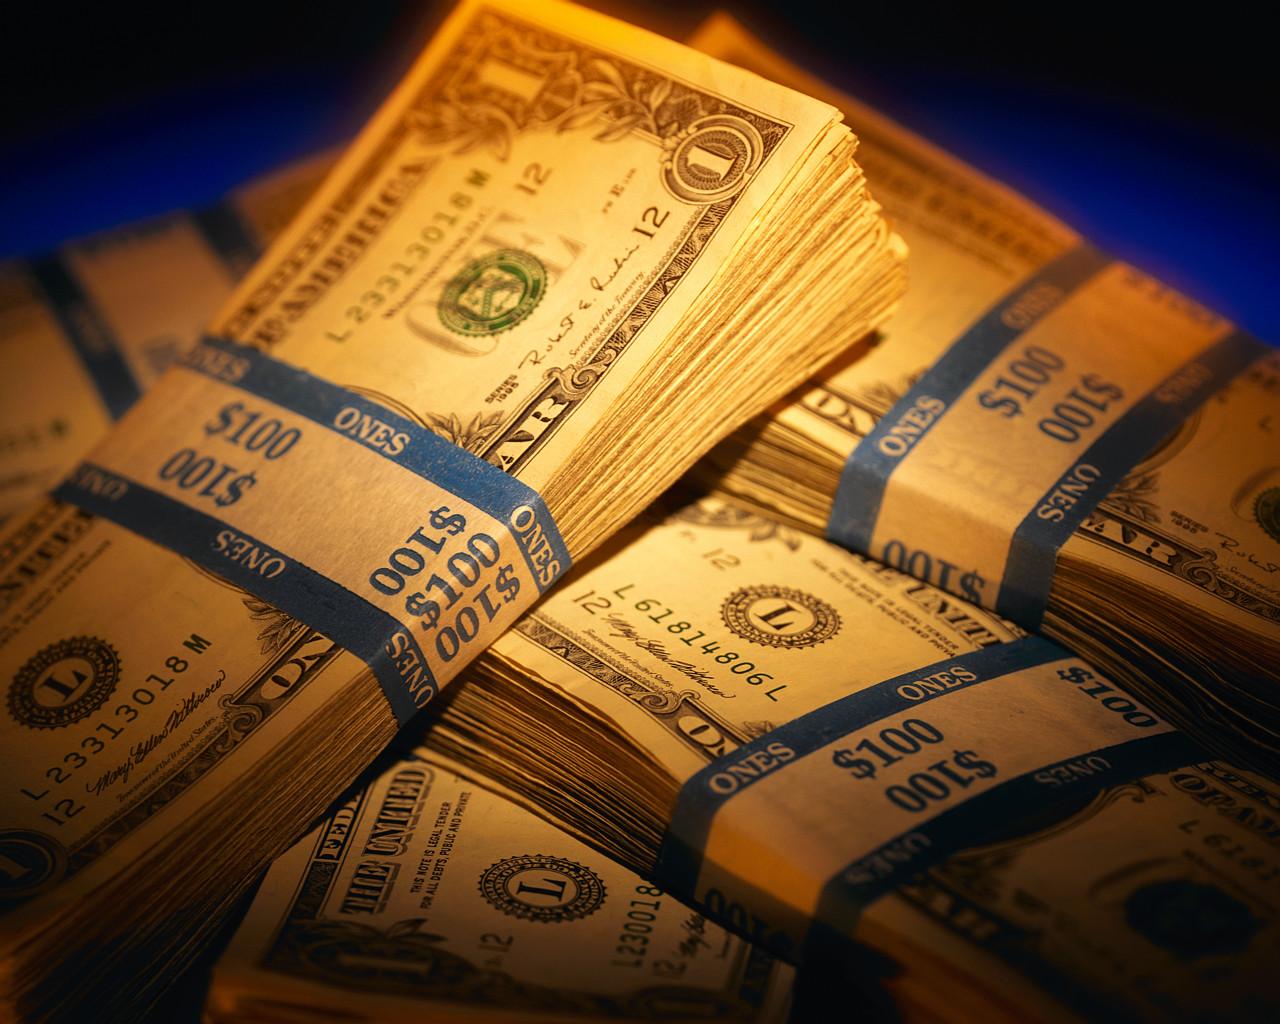 صورة تفسير الاحلام المال , المال في المنام